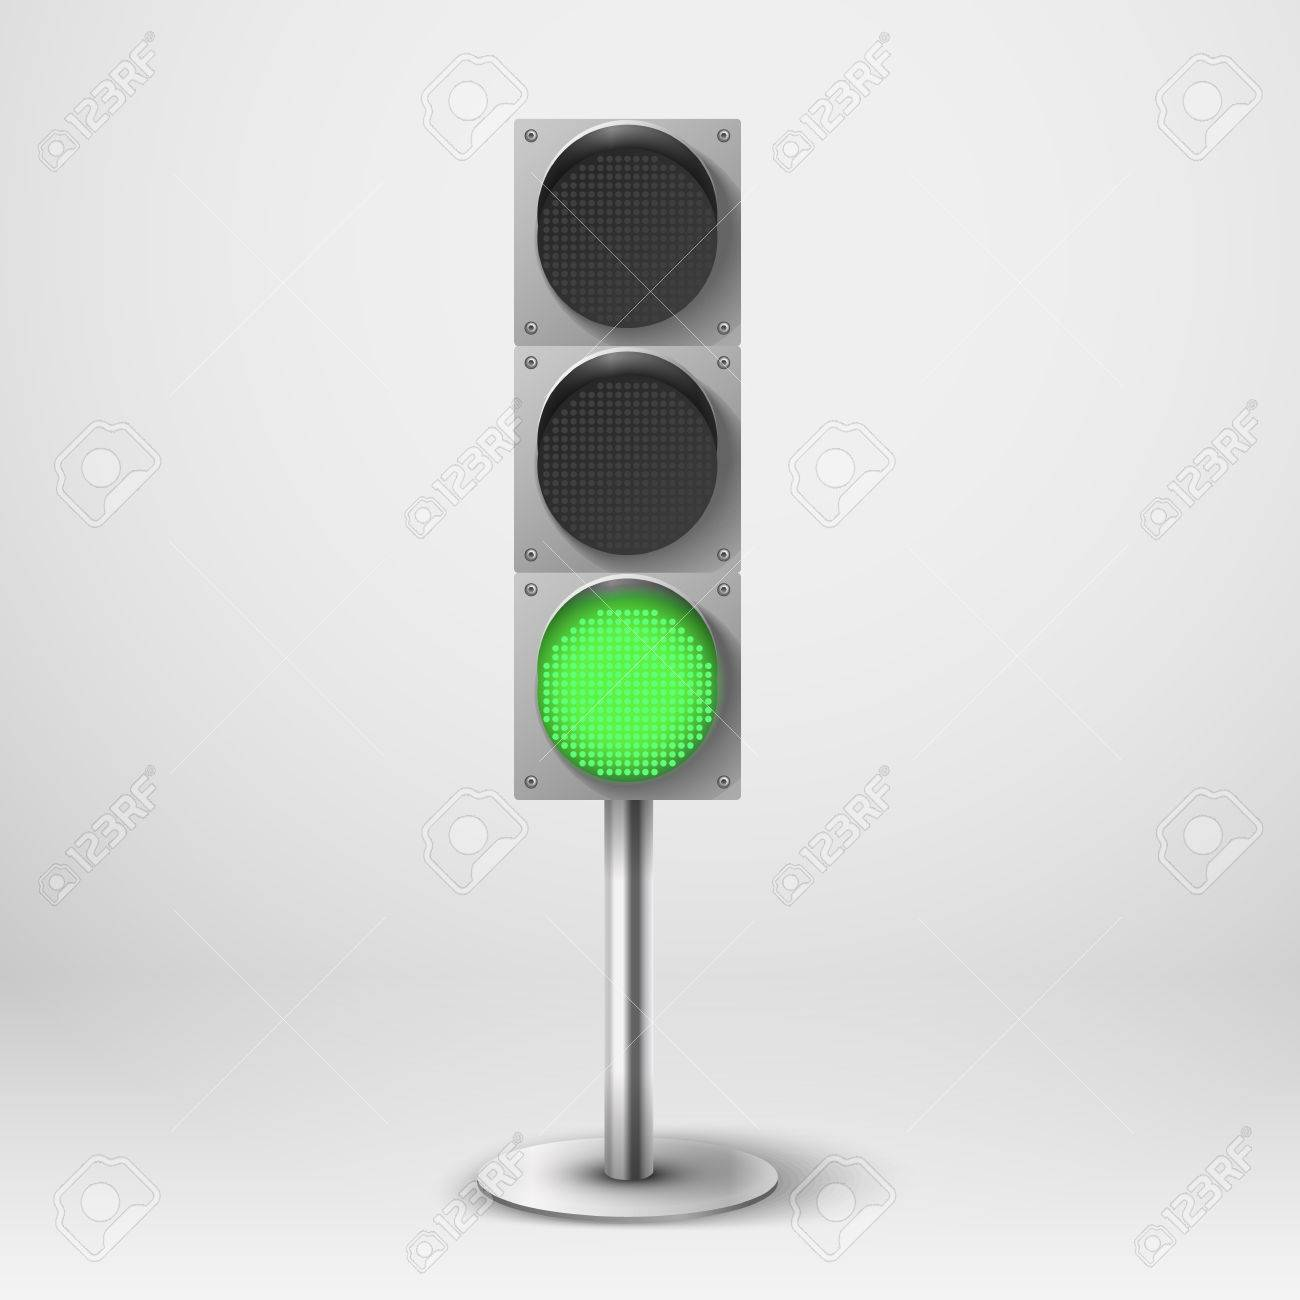 Traffic Light Vector Illustration. Green Diod Traffic Light ...